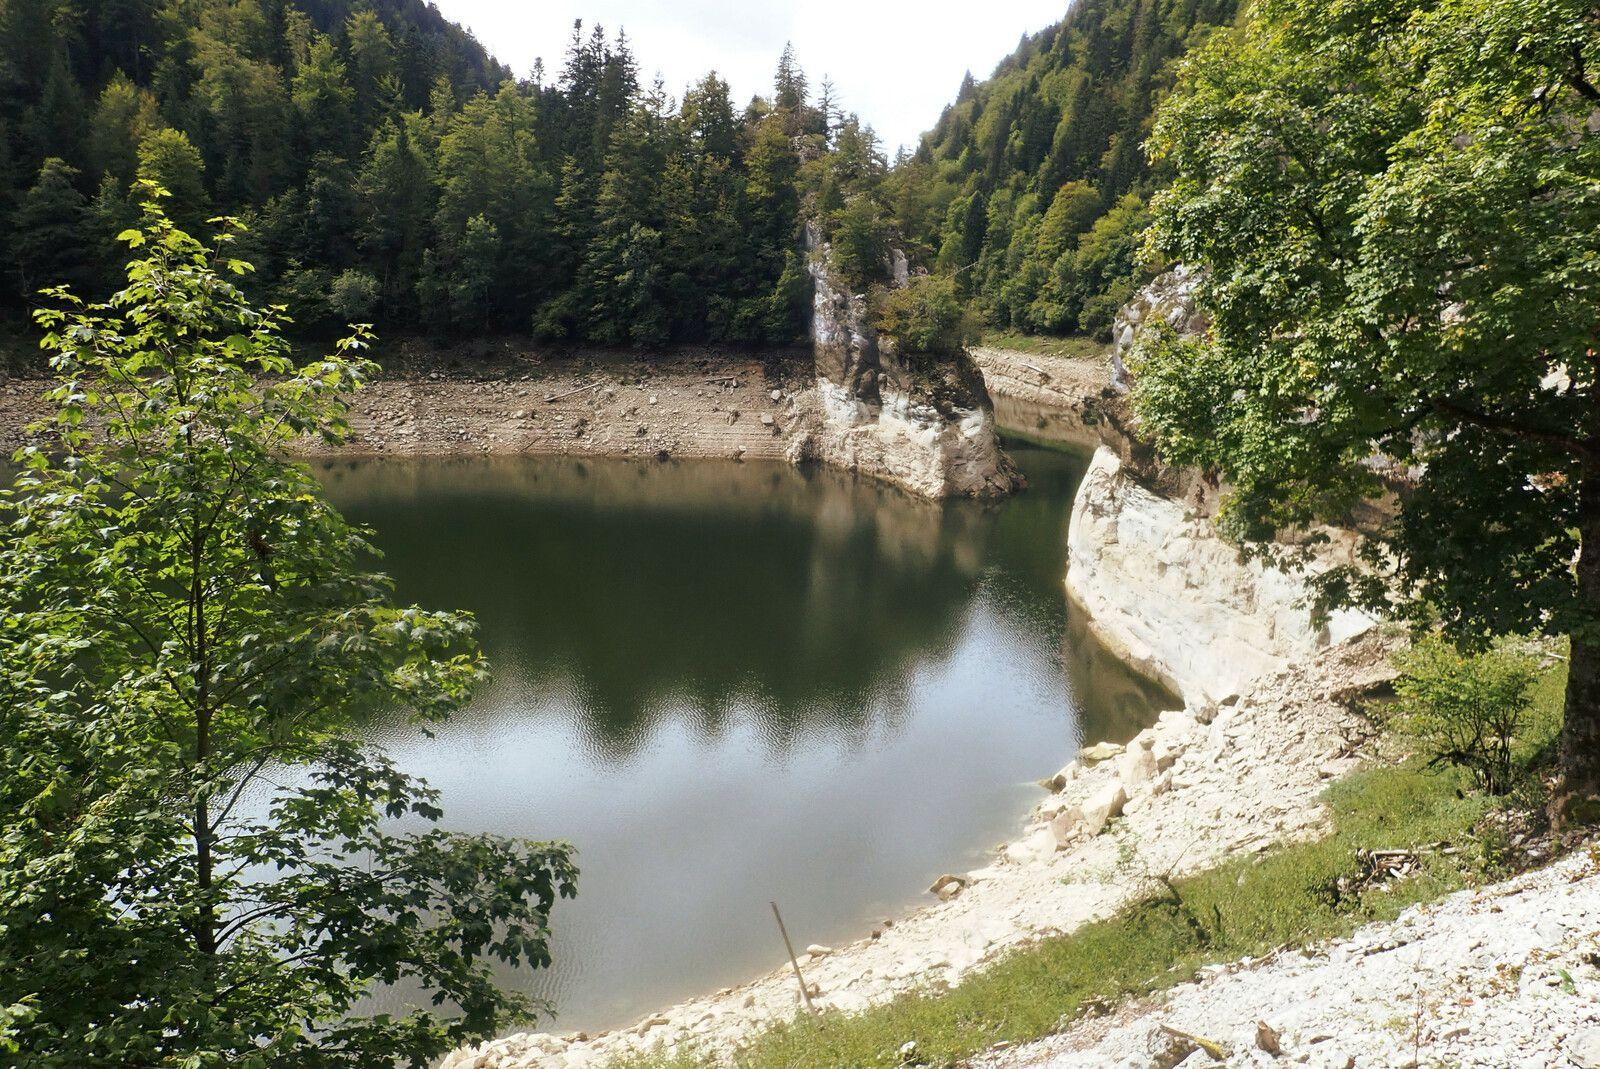 de la source au Chatelard, en passant par Mouthe, le Lac de St Point, Grand Combes, Morteau, Villers le lac, le saut du Doubs et les Gorges